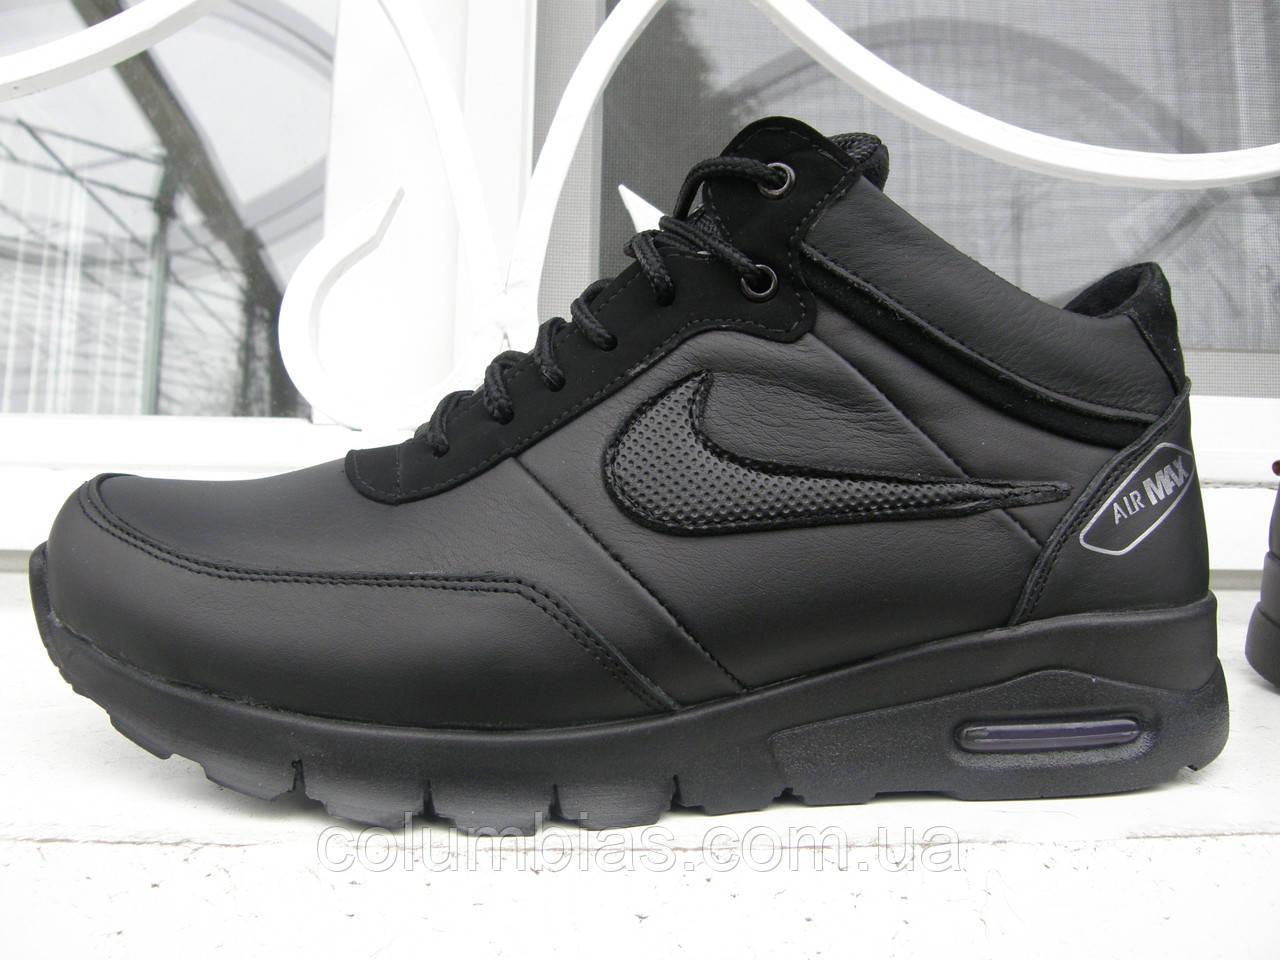 01abd632 Акция!Кроссовки зимние сверхлёгкие Nike н99 - Весь ассортимент в наличии,  звоните в любое